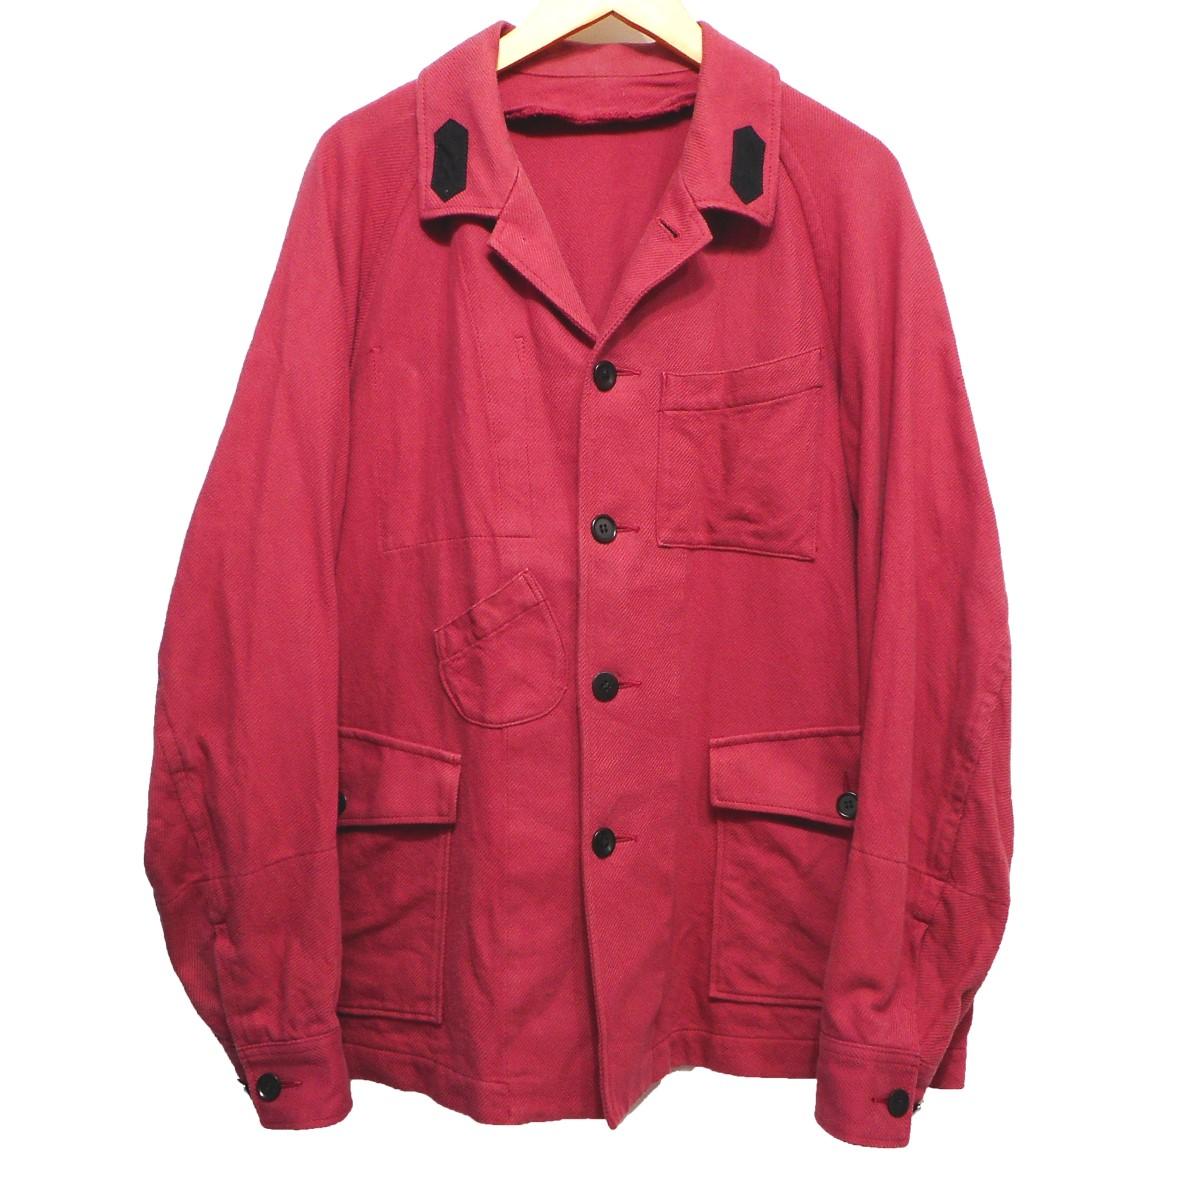 【中古】UNDERCOVER18SS カバーオールジャケット ピンク サイズ:2【1月20日見直し】